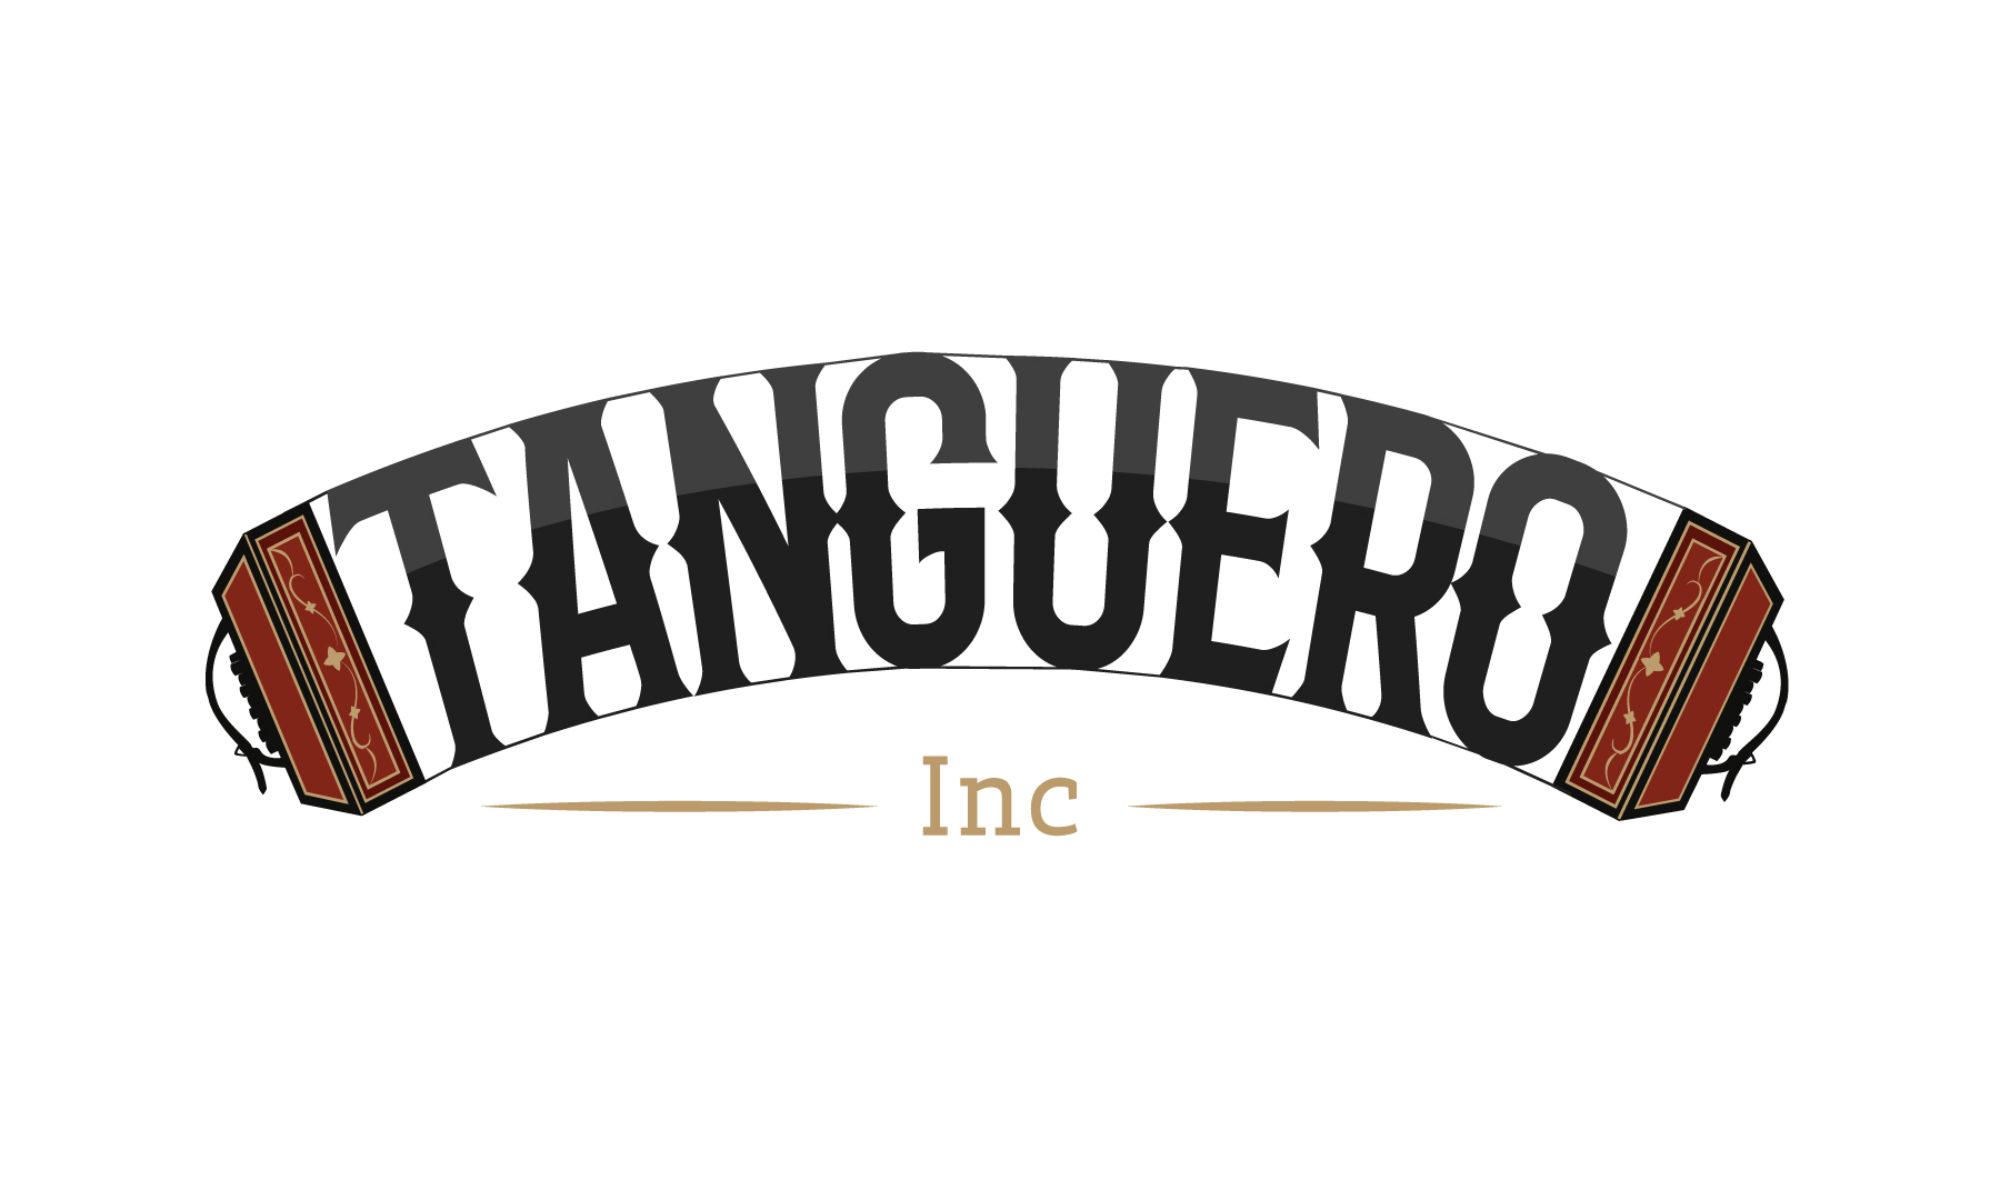 Tanguero Inc